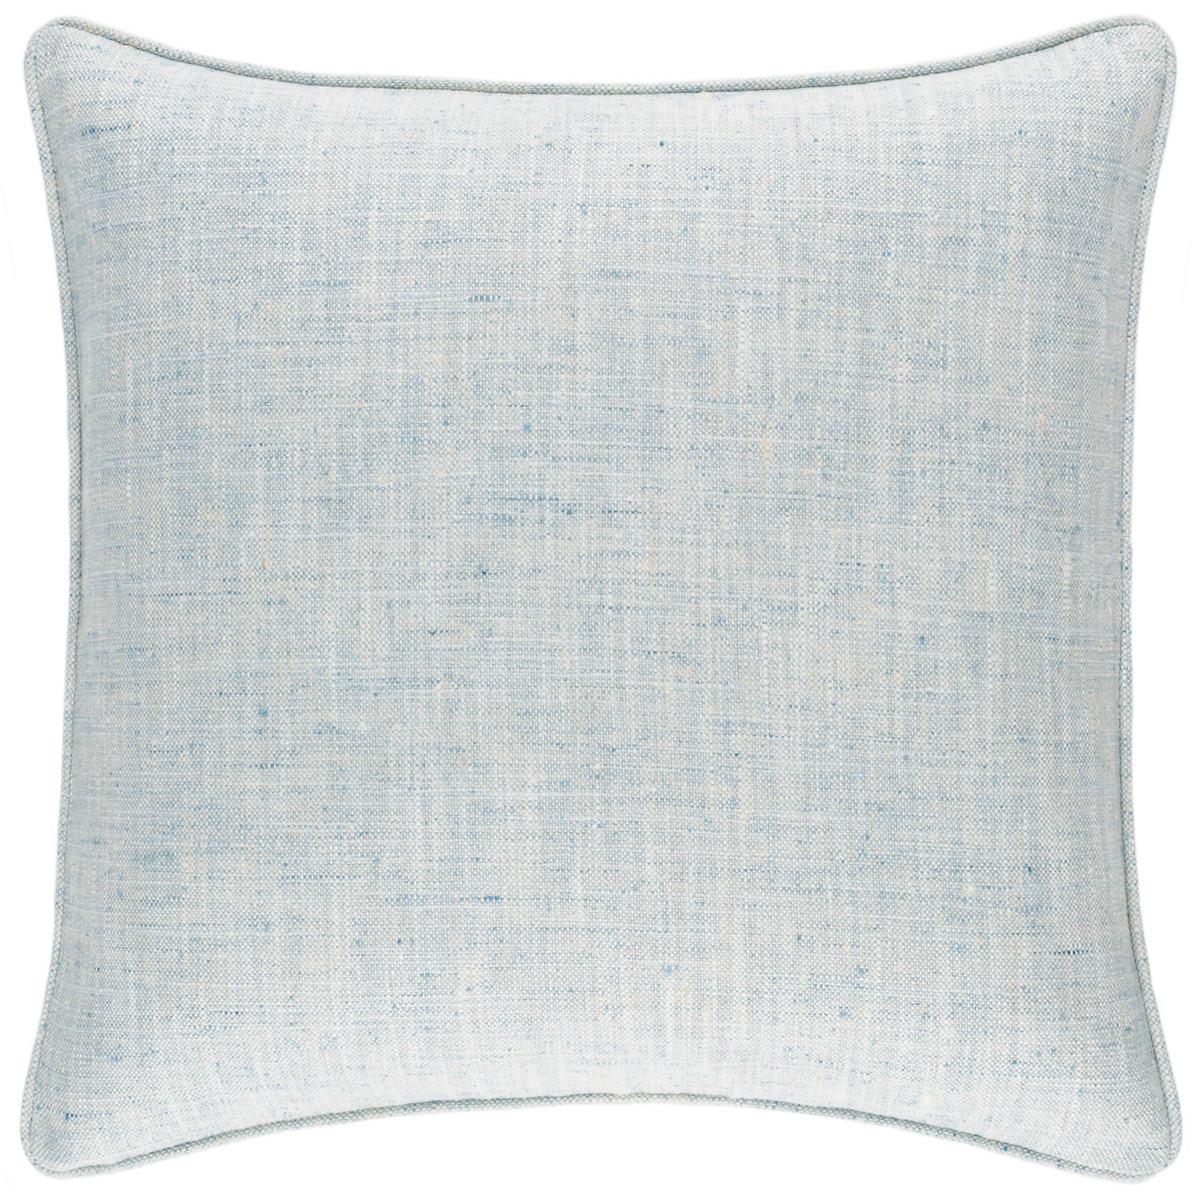 Greylock Soft Blue Indoor/Outdoor Decorative Pillow